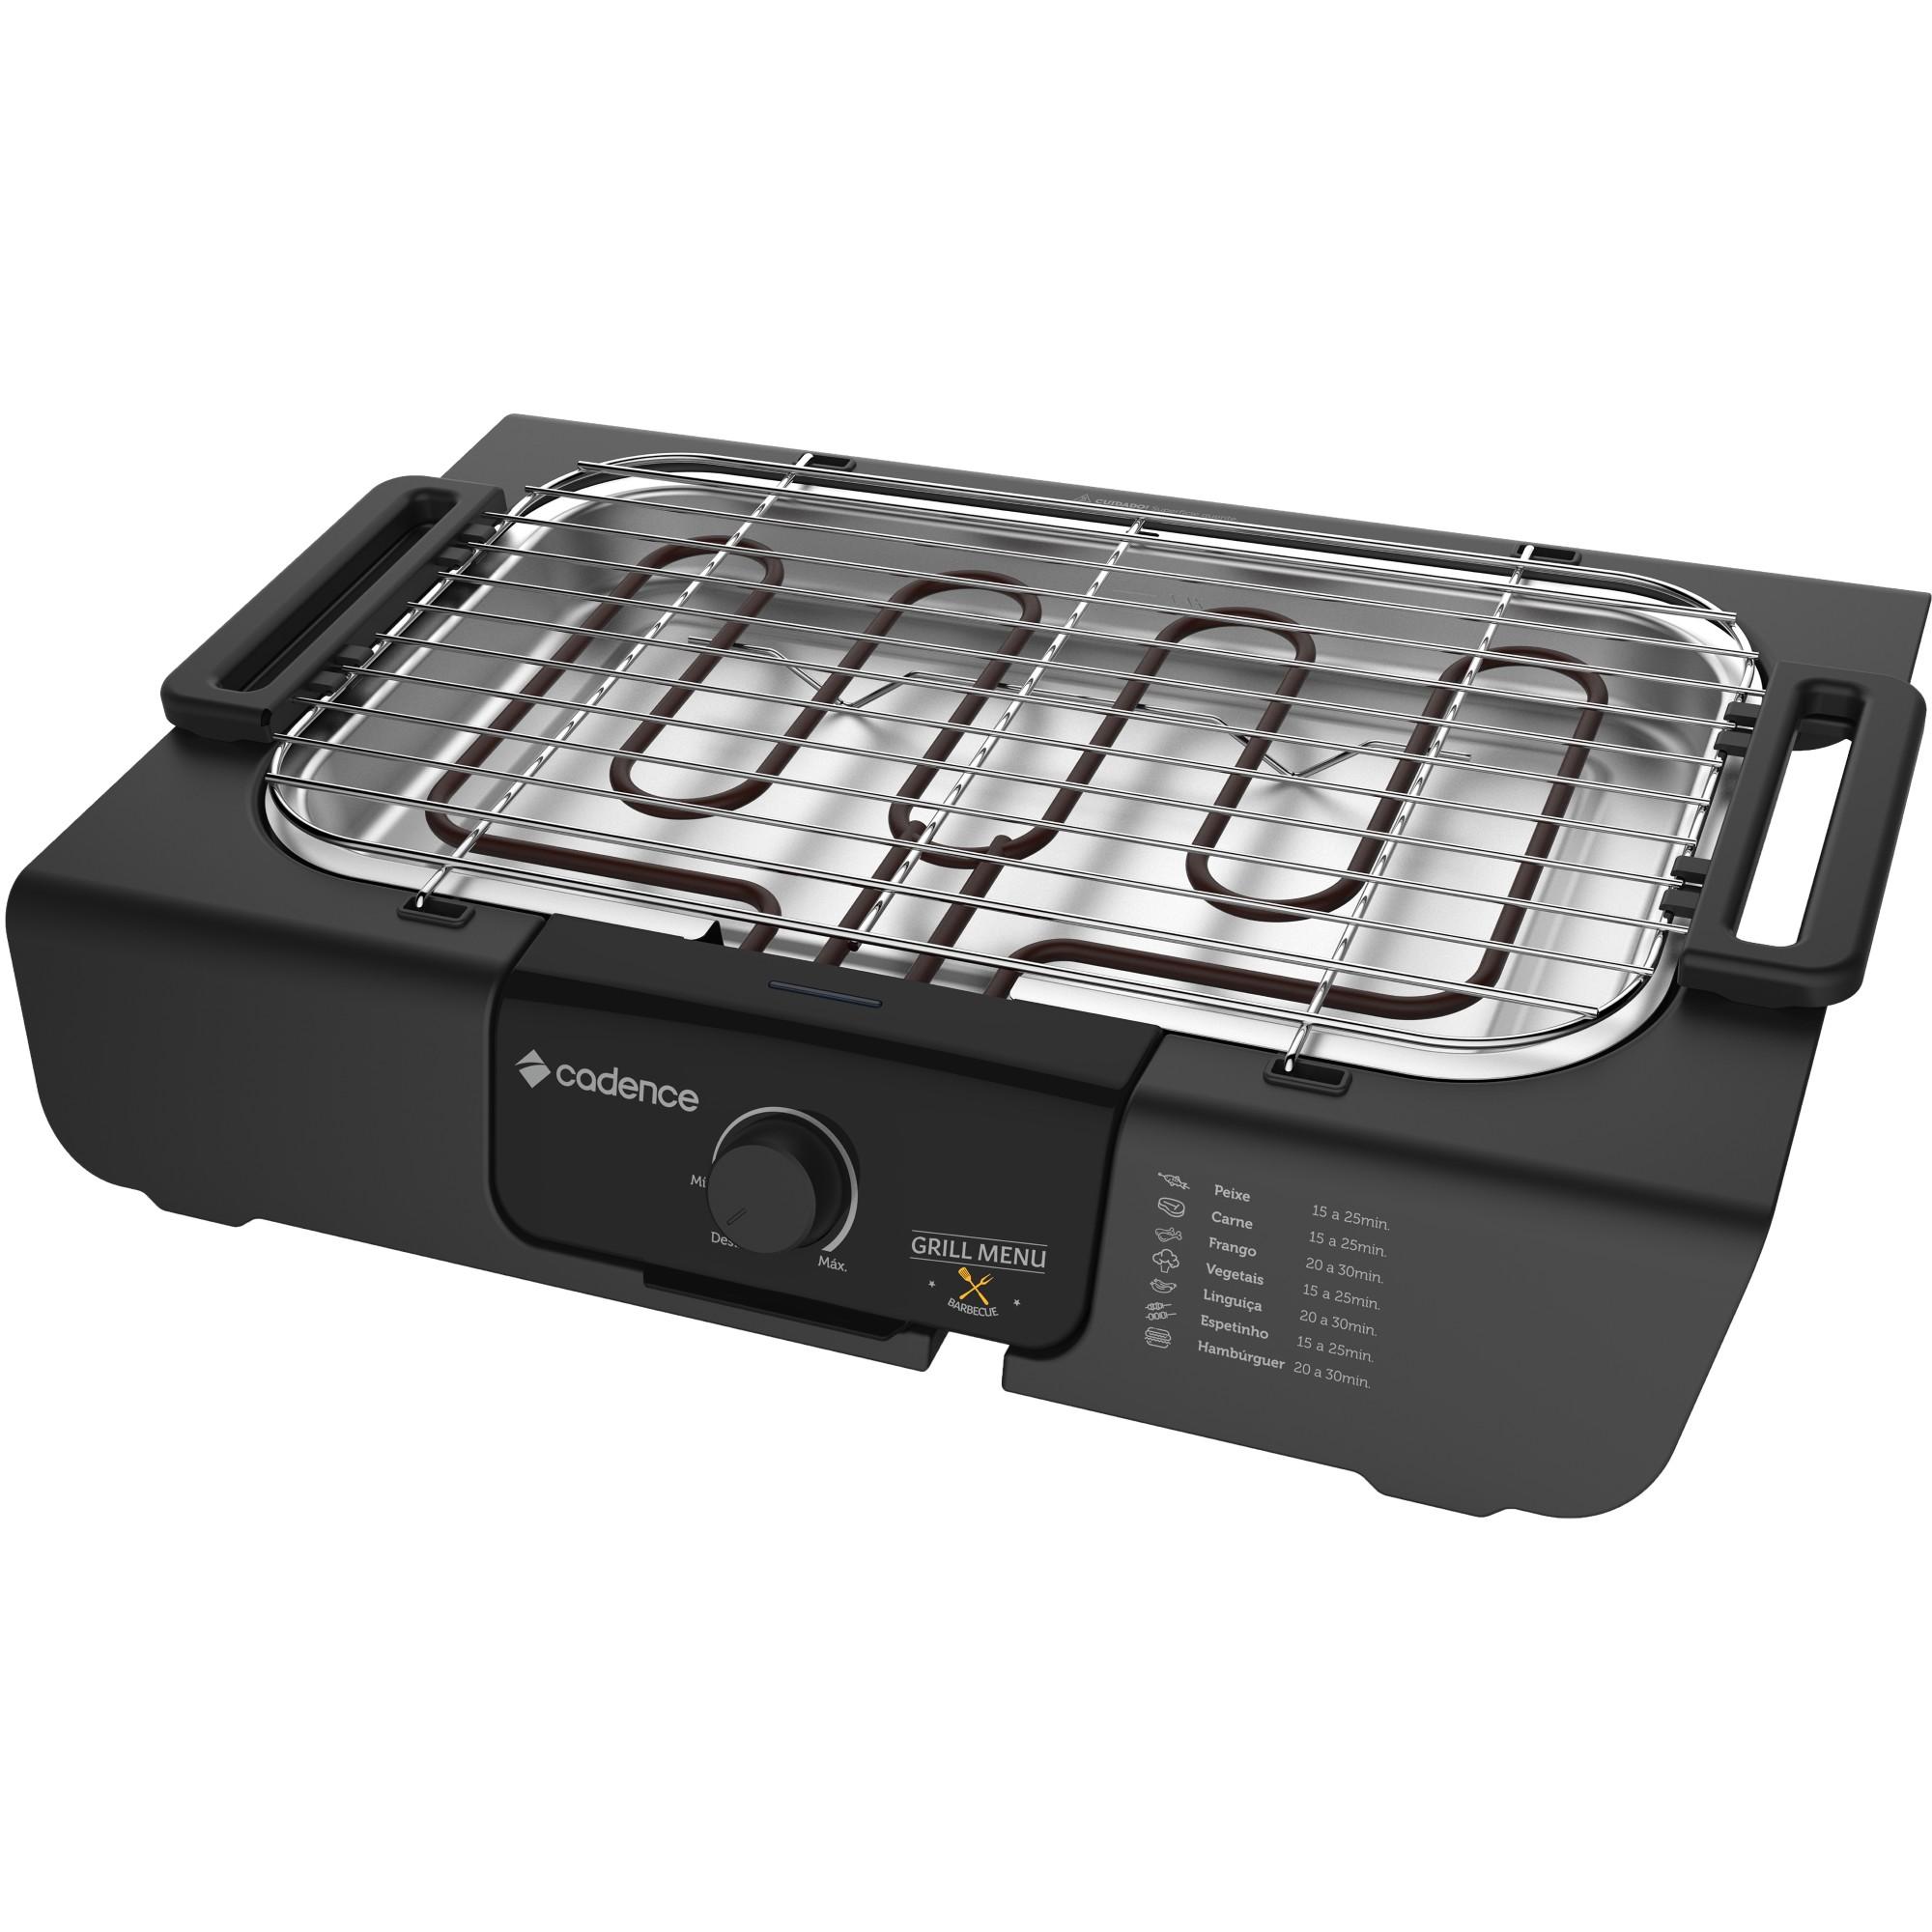 Churrasqueira Eletrica 1800w GRL810 com Controle de Temperatura 127V - Cadence